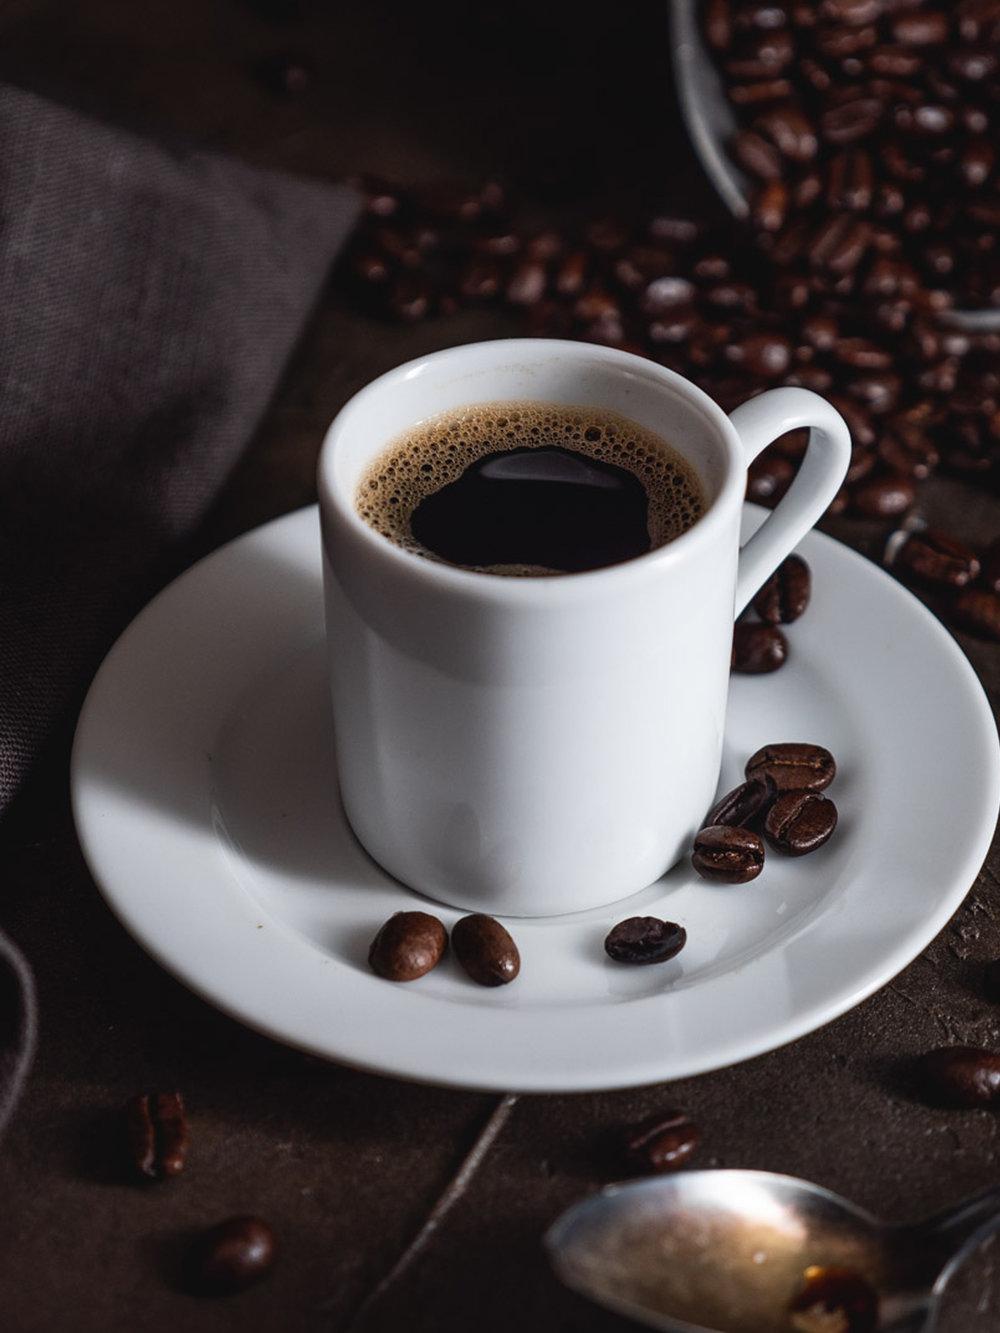 photos_espresso.jpg